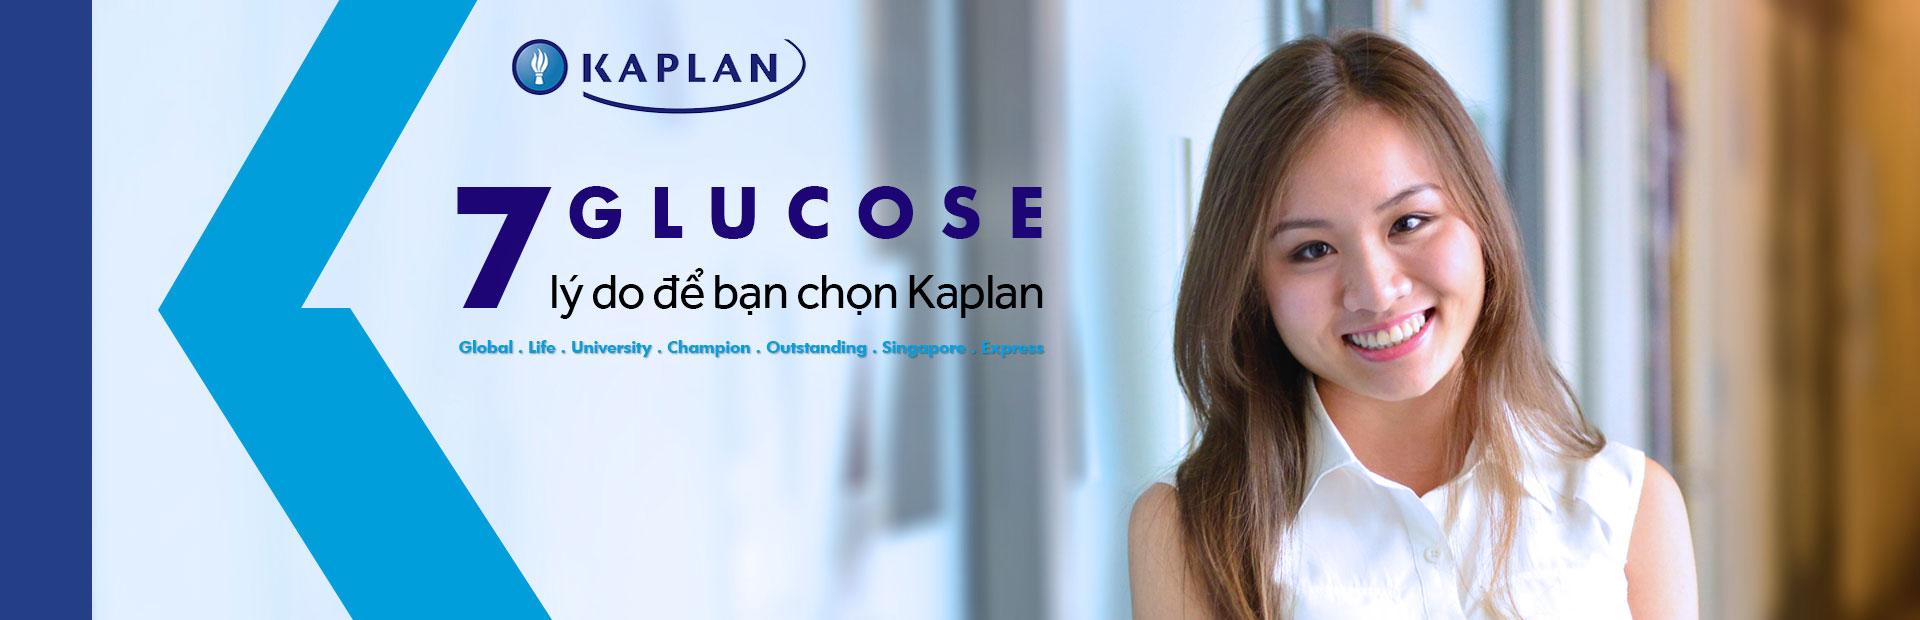 Kaplan GLUCOSE